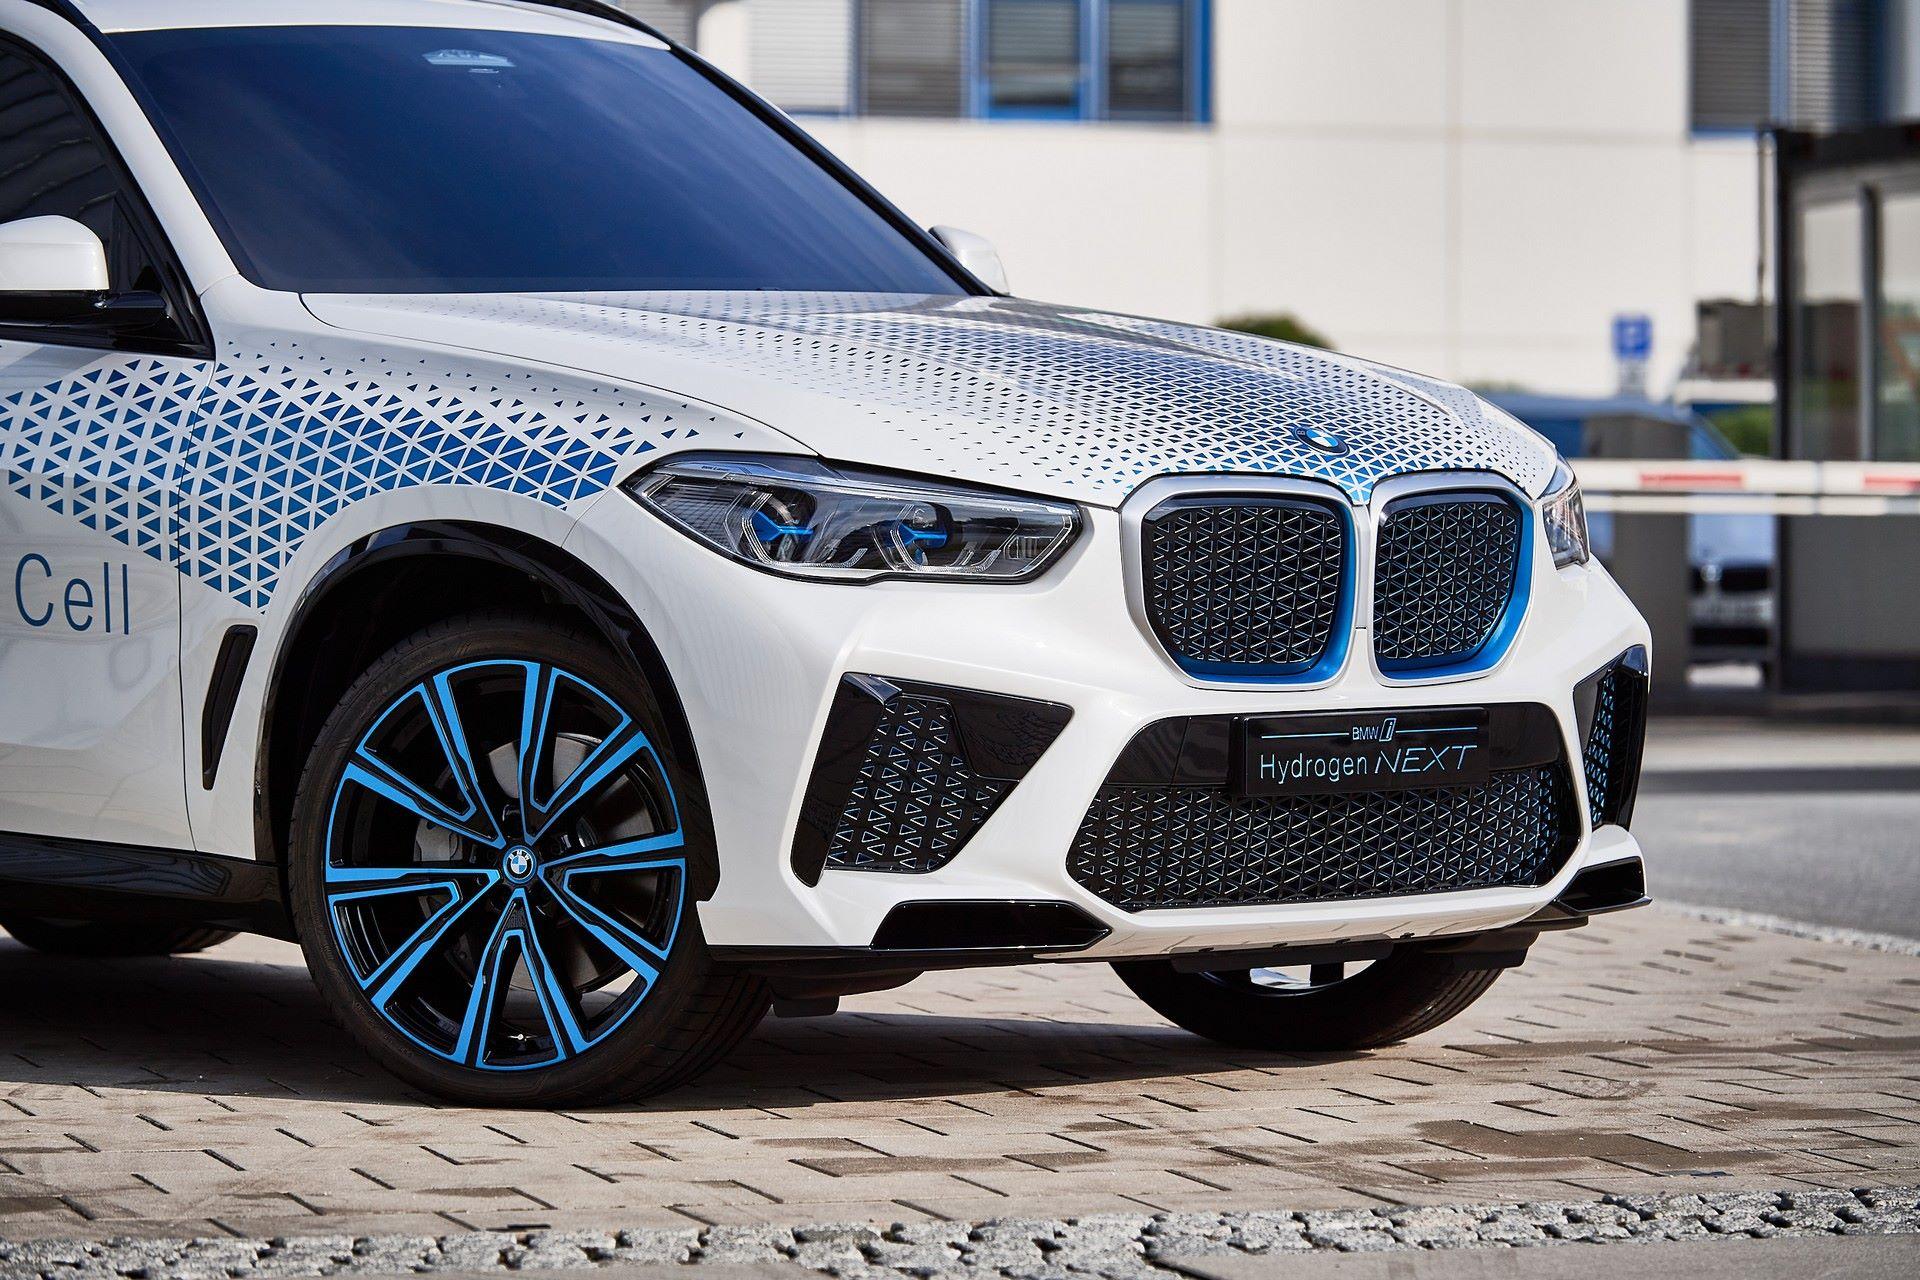 BMW-i-Next-Hydrogen-Concept-8